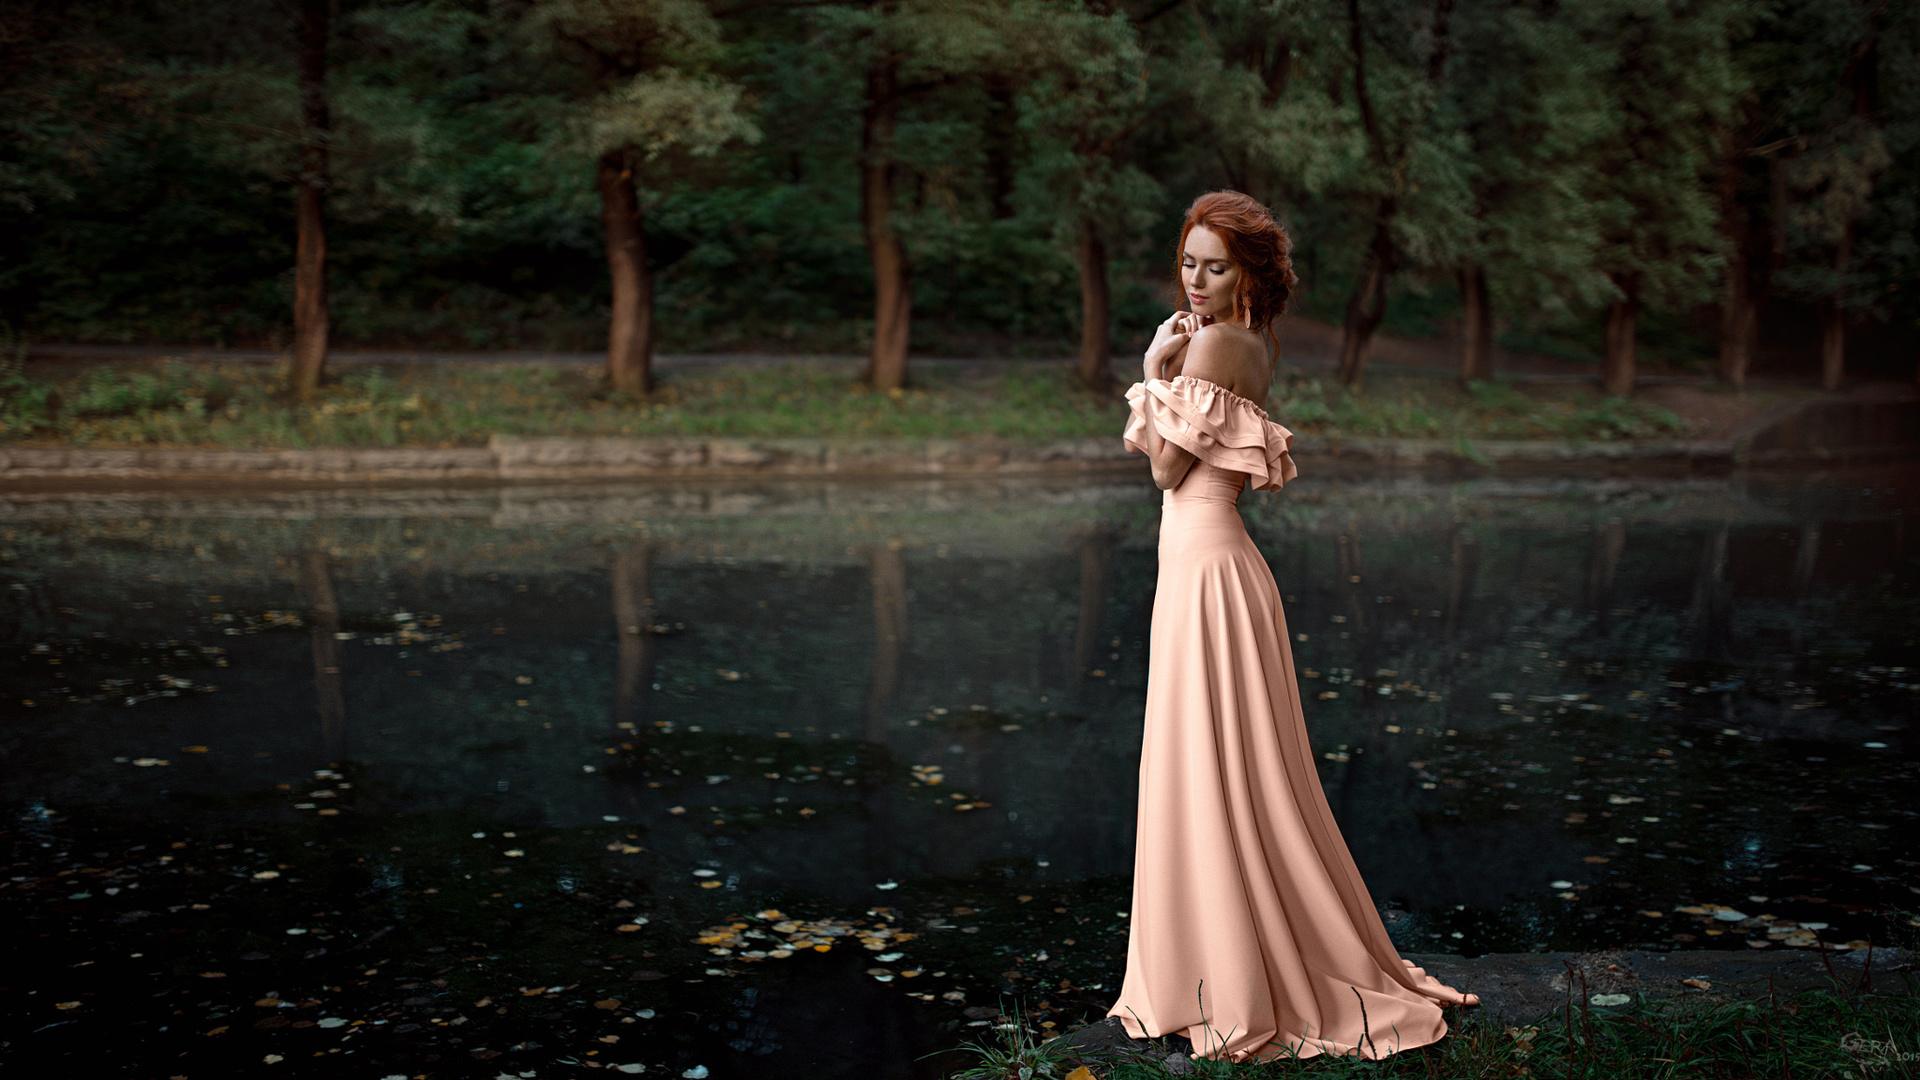 рыжие девушки в красивых платьях фото самые интересные